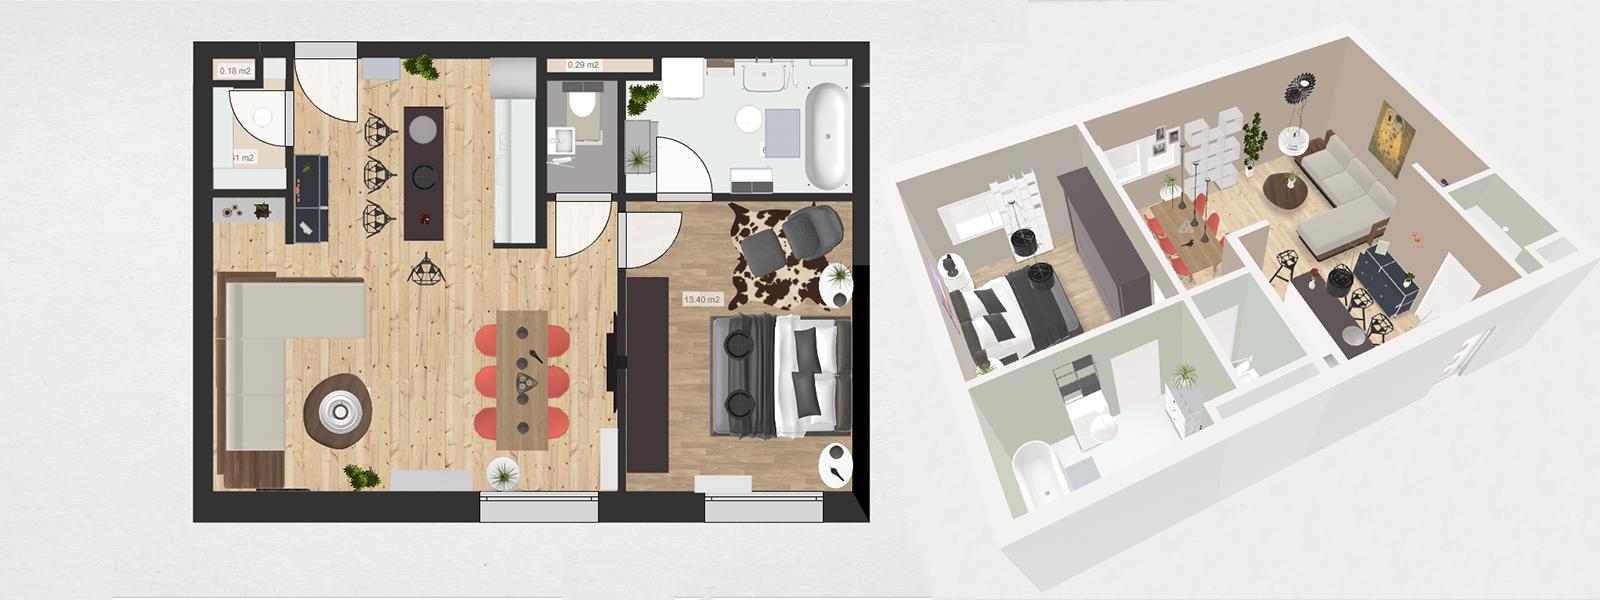 roomle - Teste 3D Demo-Raumpläne von Wohnungen & Häusern